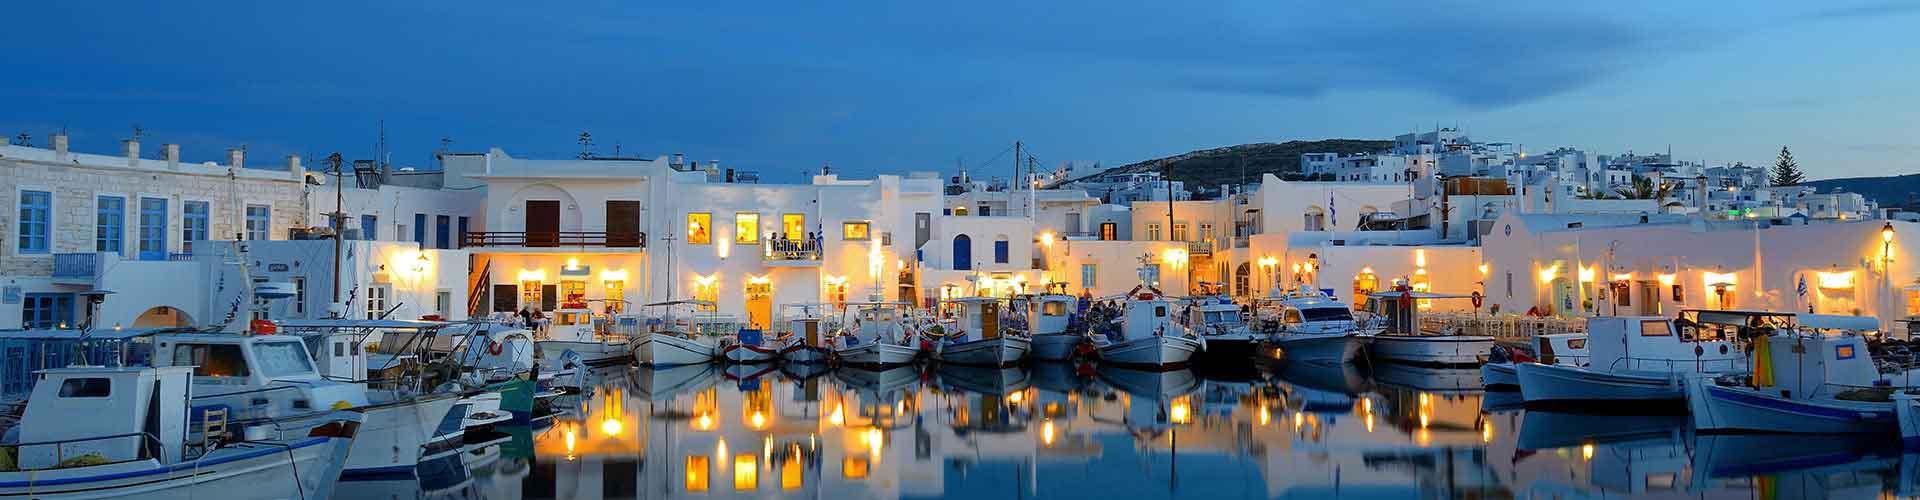 Isla de Paros - Hoteles baratos en Isla de Paros. Mapas de Isla de Paros, Fotos y comentarios de cada Hotel en Isla de Paros.